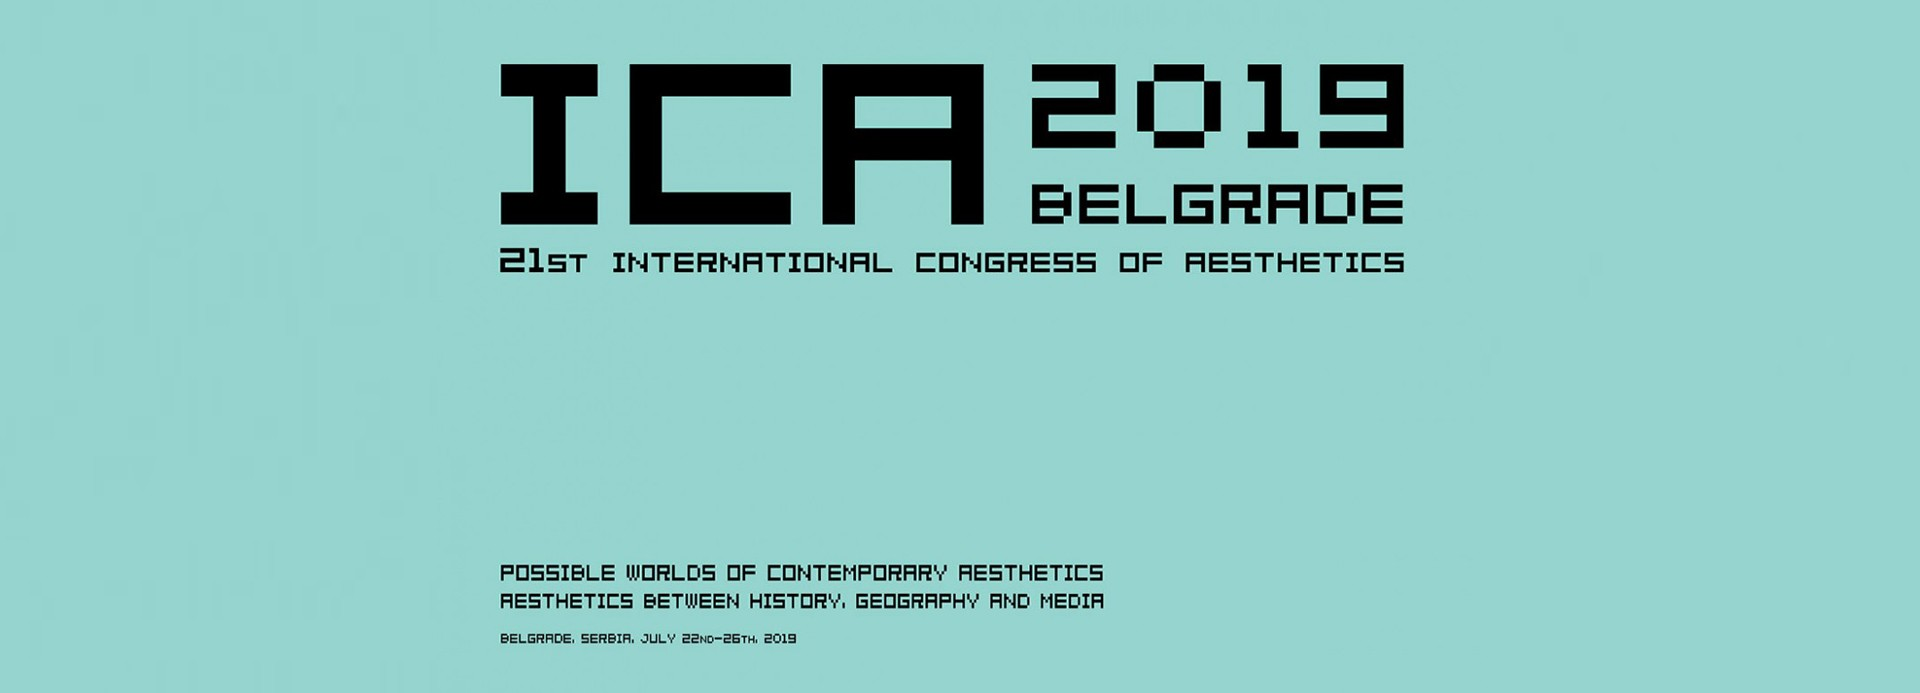 ICA 2019 Београд: 21. међународни конгрес за естетику (22-26. јул 2019)